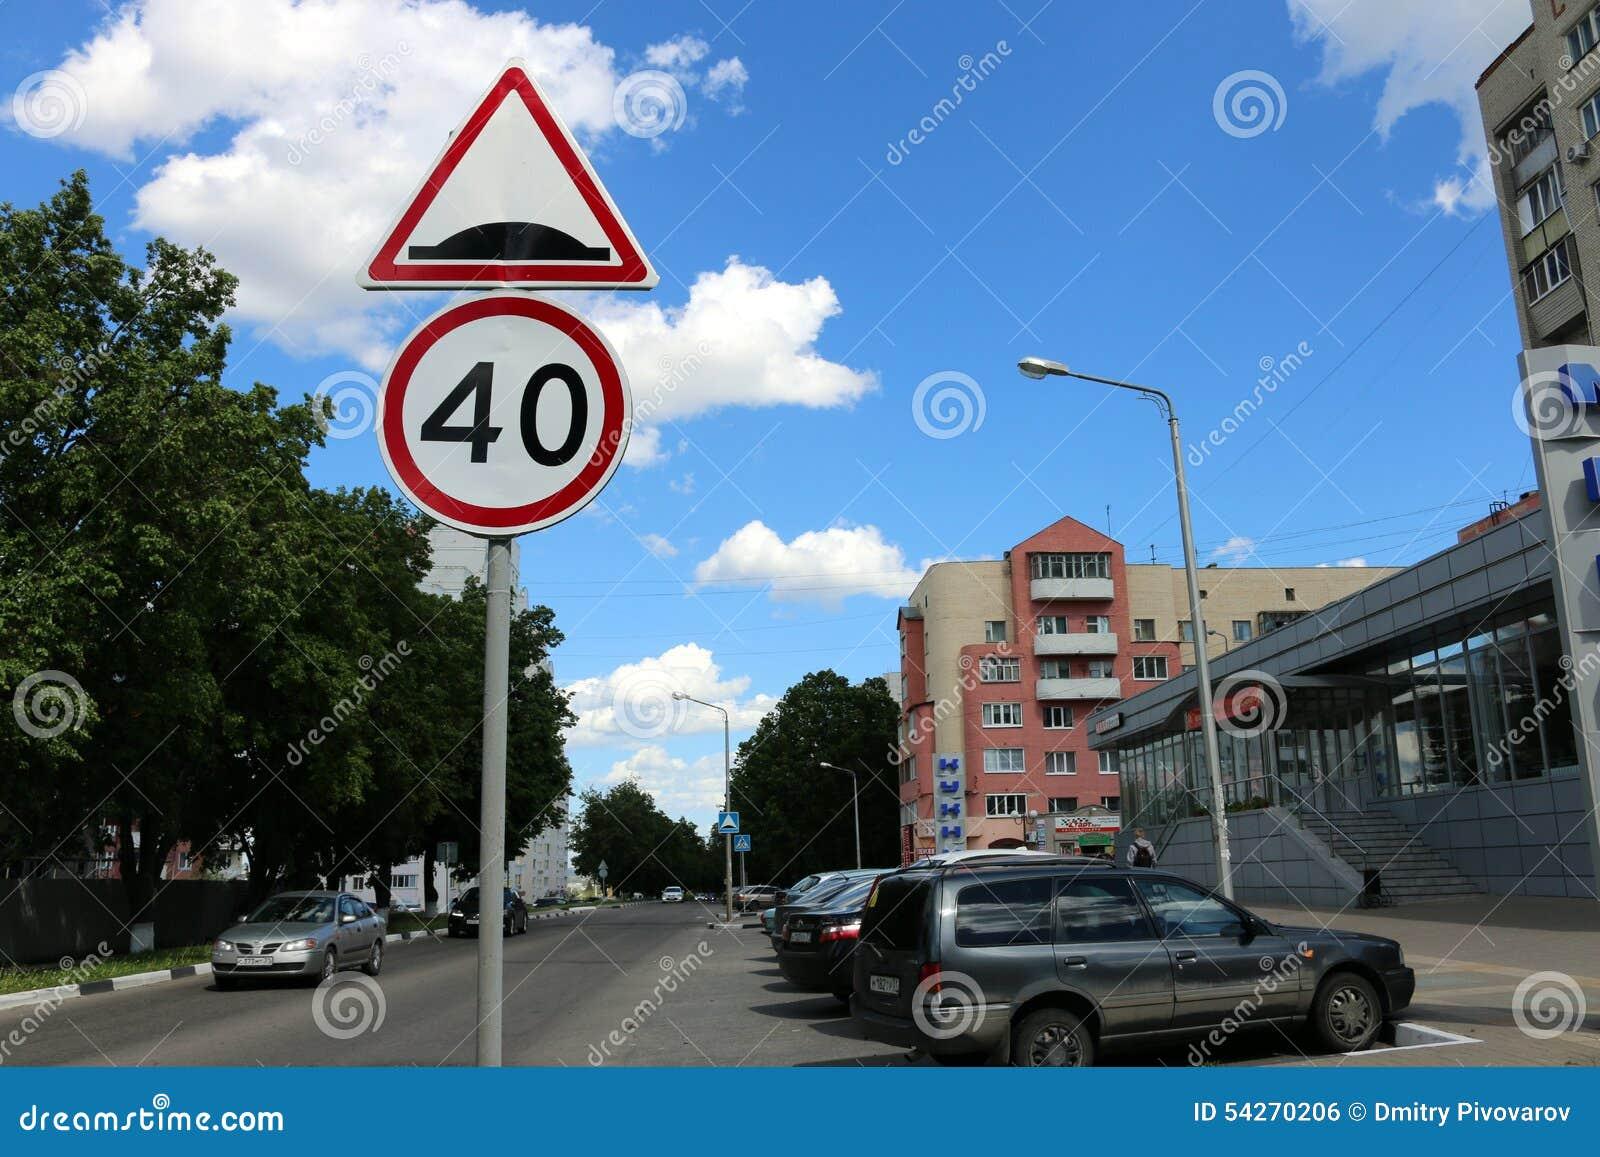 Tecknet för gränsteckenhastighetsbegränsning 40 av knölen